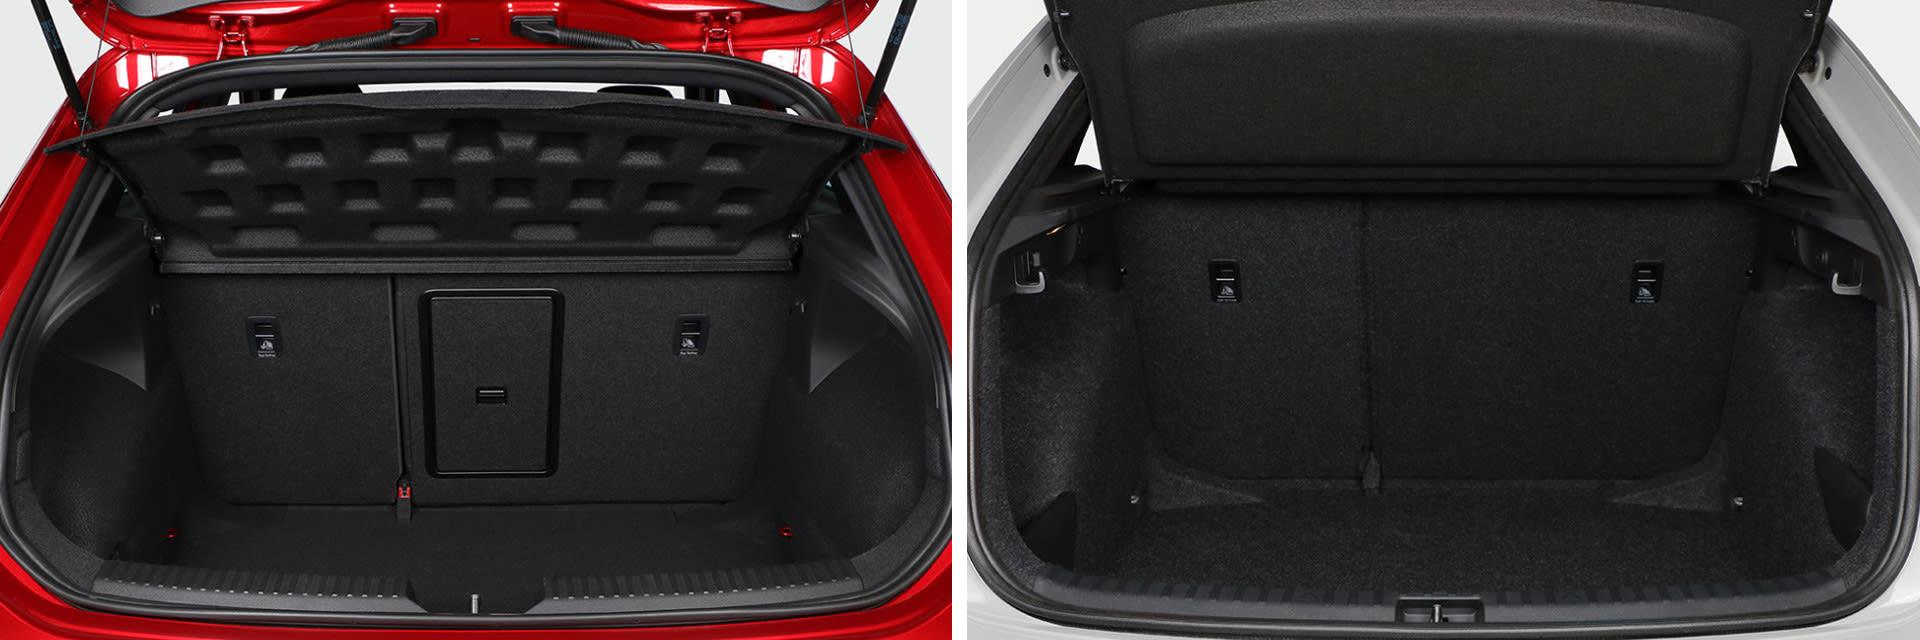 El volumen del maletero del Scala (dcha.) es de 467 litros; 87 litros más que el del SEAT (izq.)